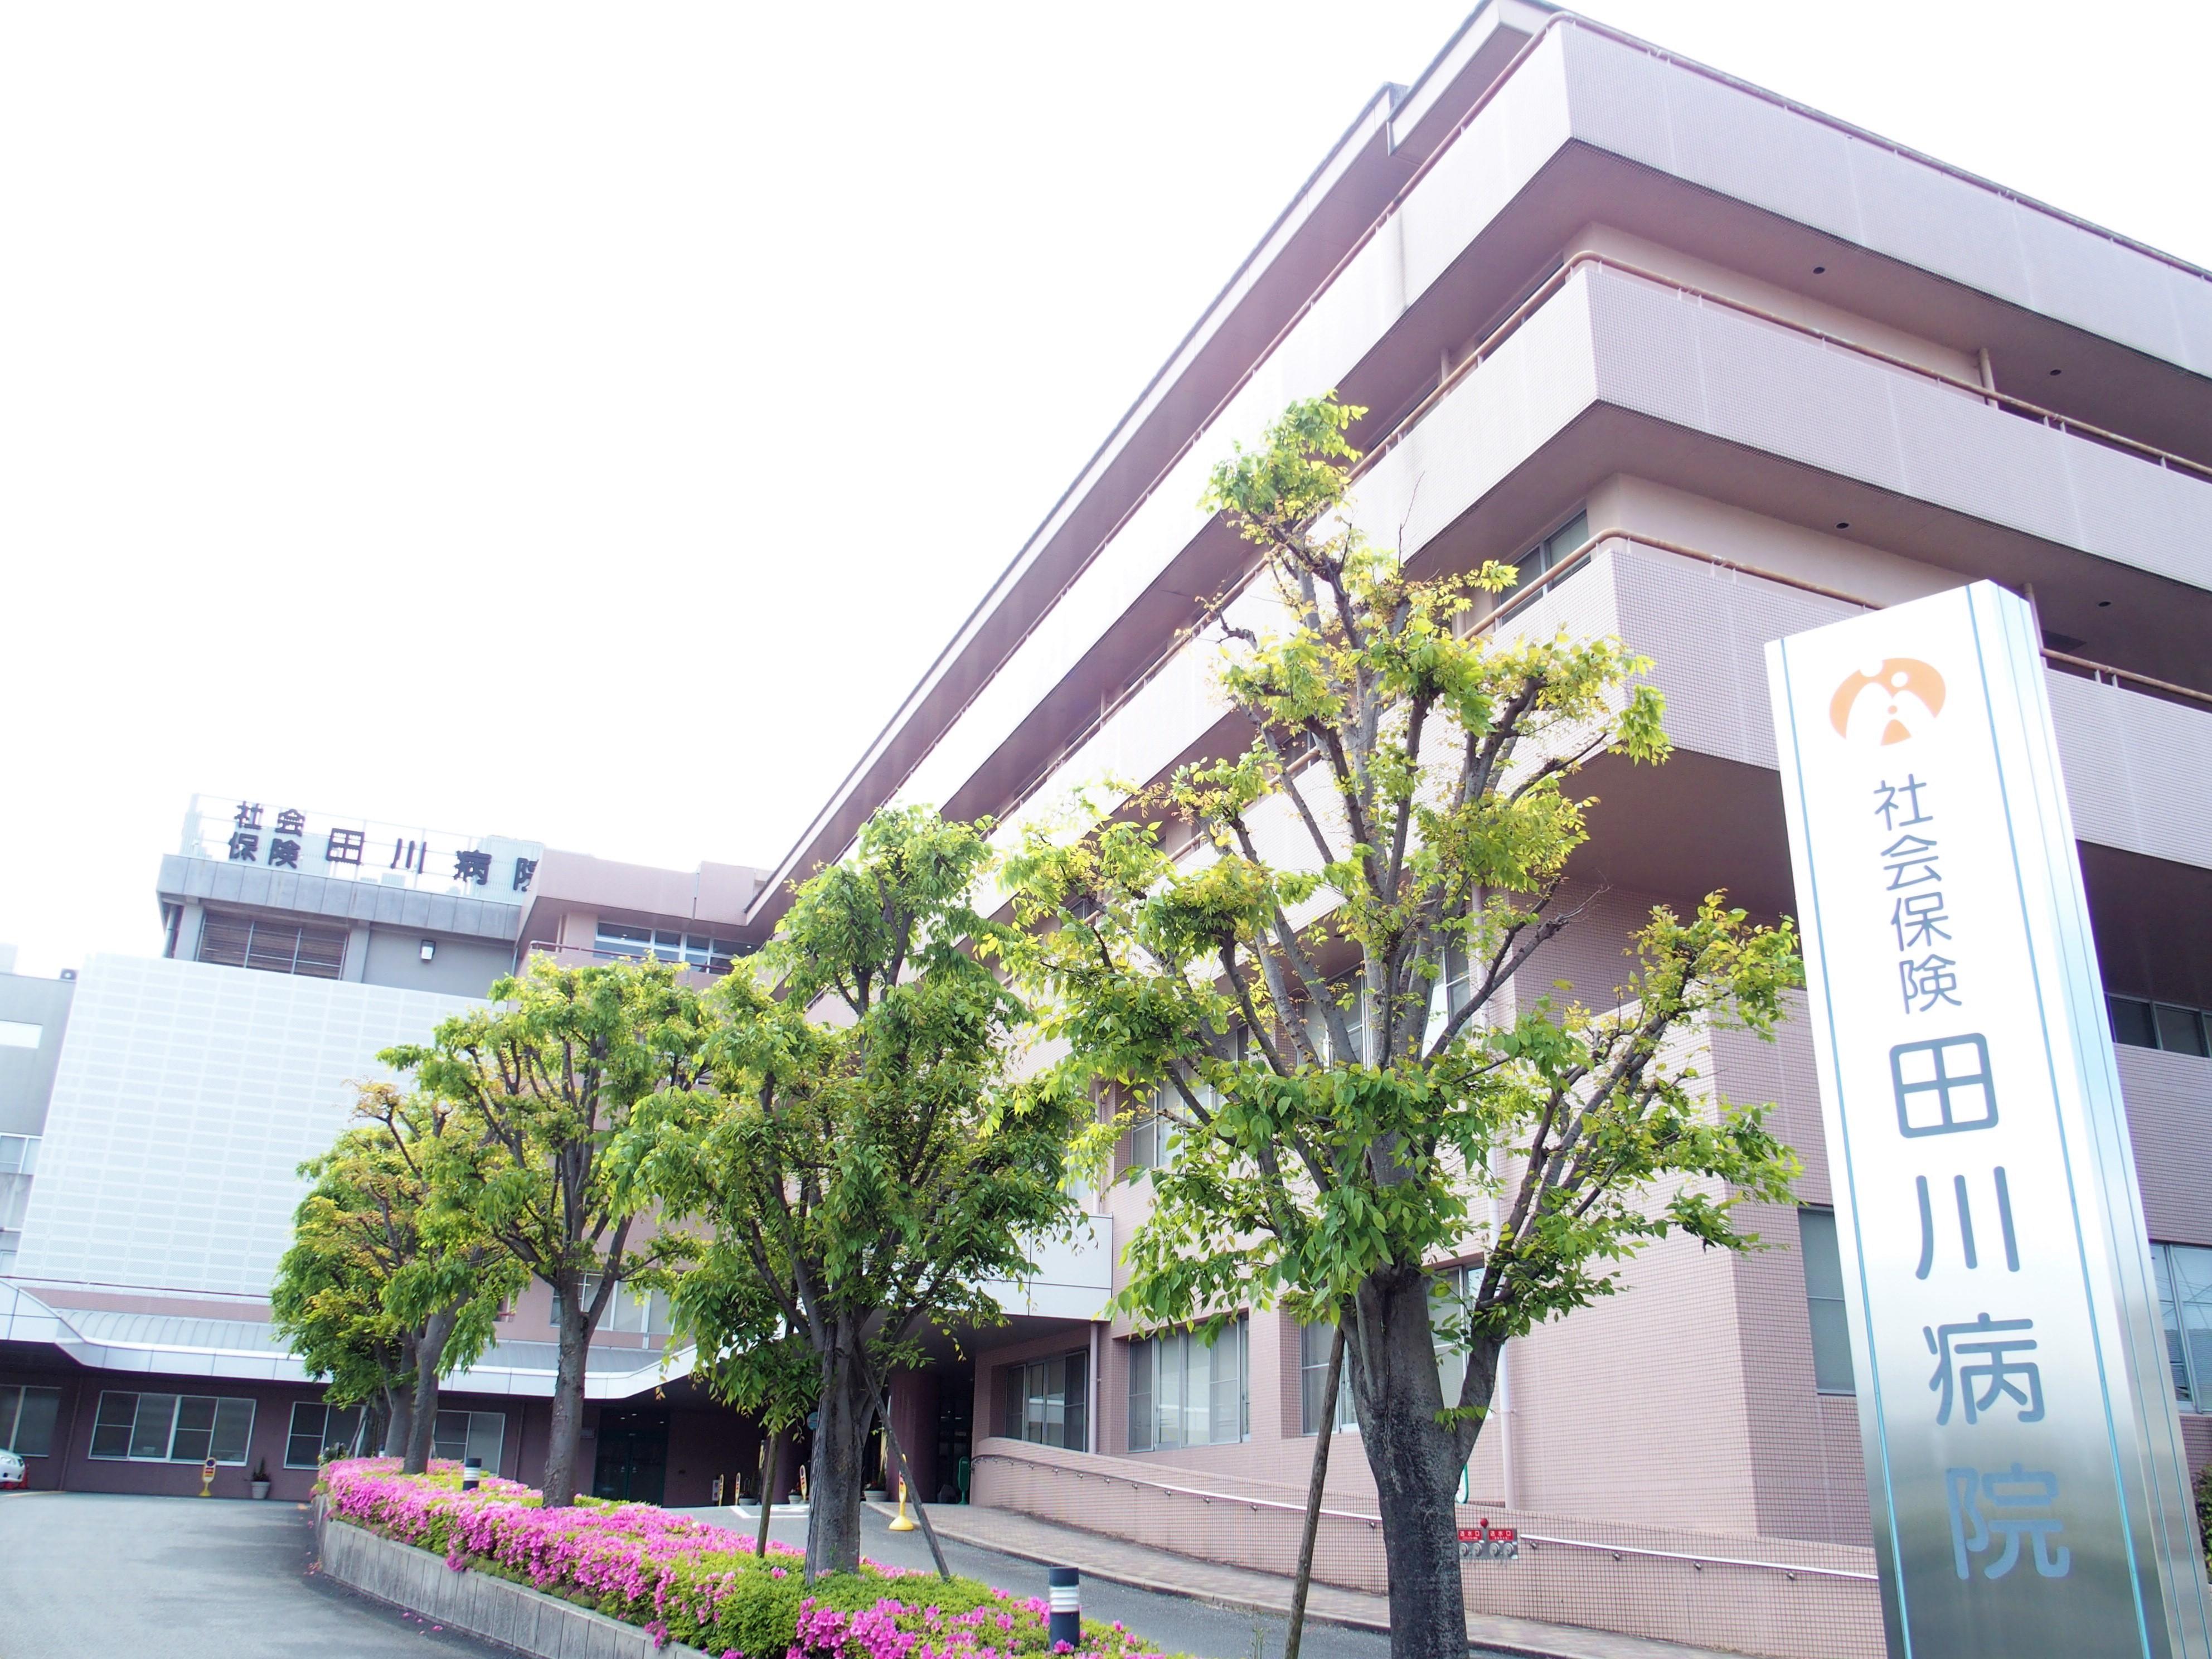 一般社団法人 福岡県社会保険医療協会  社会保険田川病院